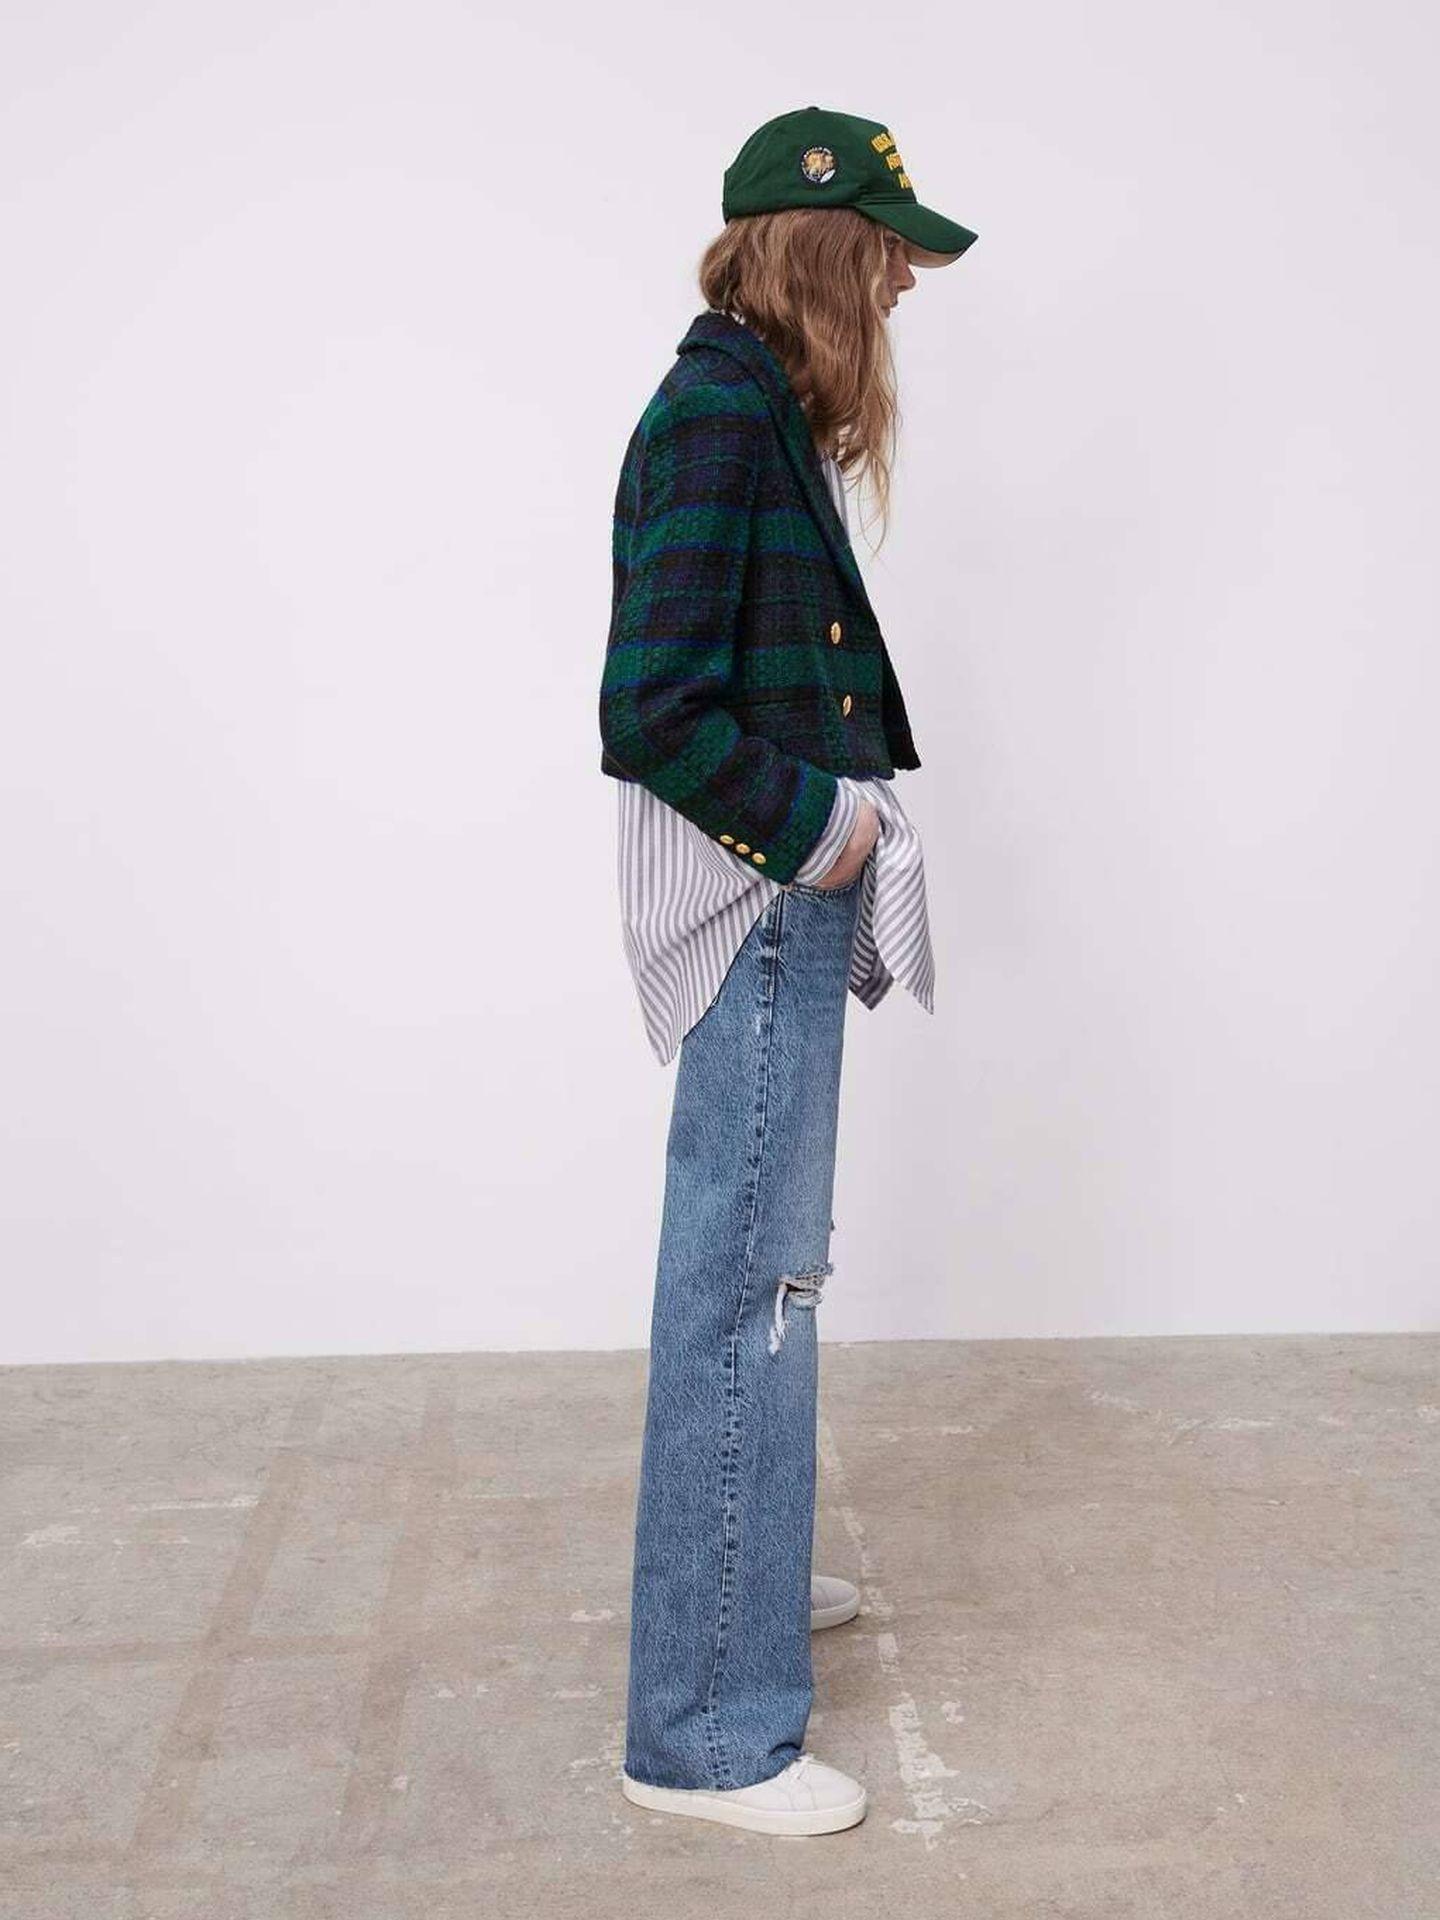 La americana de cuadros de Zara. (Cortesía)